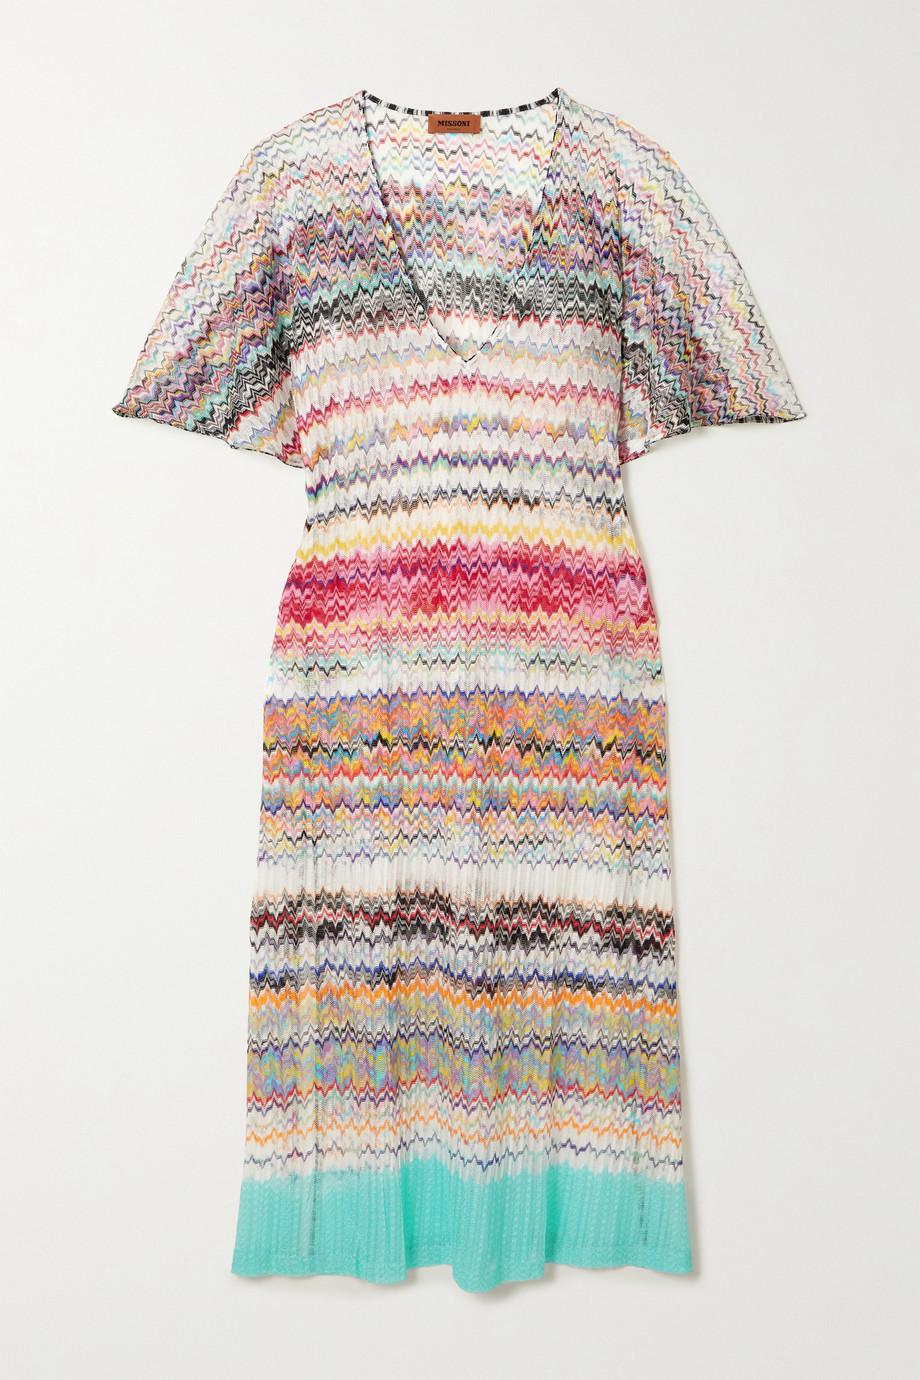 Missoni Mare crochet-knit kaftan